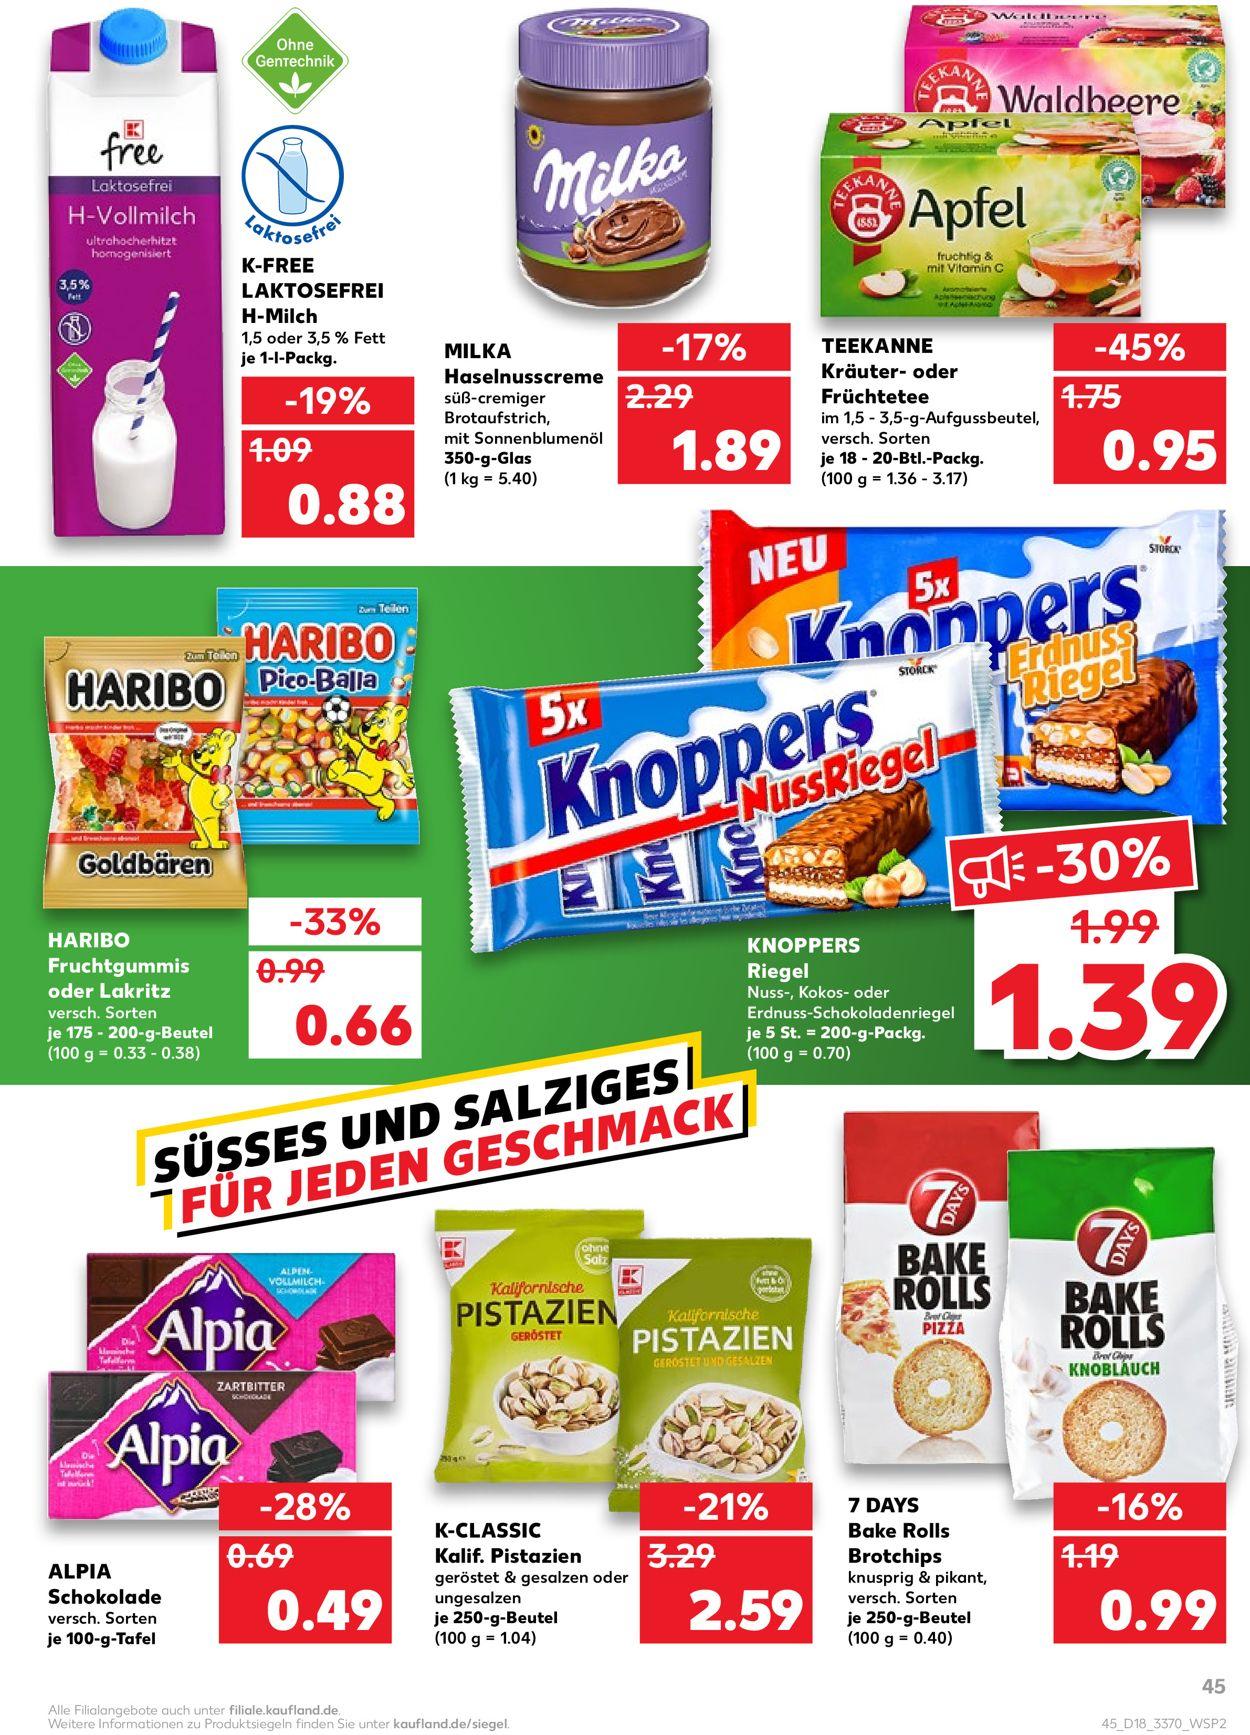 Kaufland Prospekt - Aktuell vom 06.05-12.05.2021 (Seite 45)